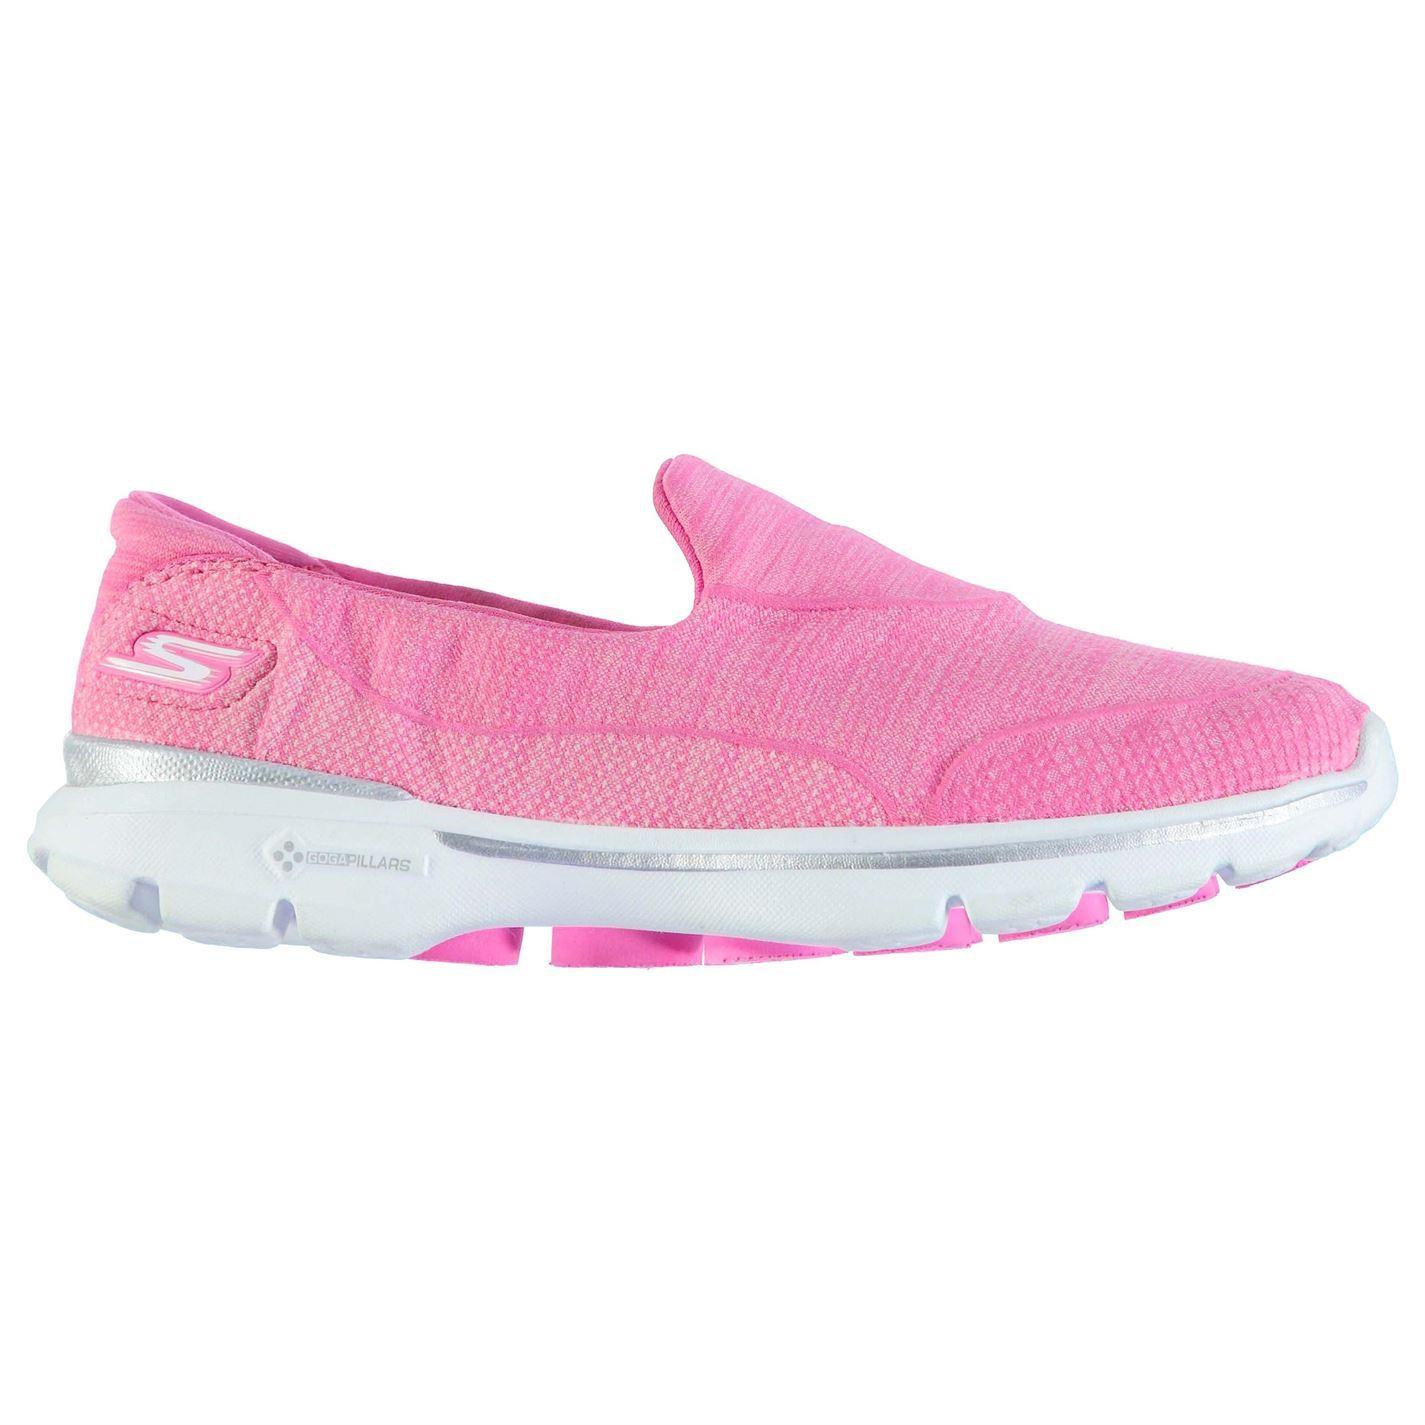 Skechers Womens Go Walk3 Trainers Knitted Upper Padded Slip